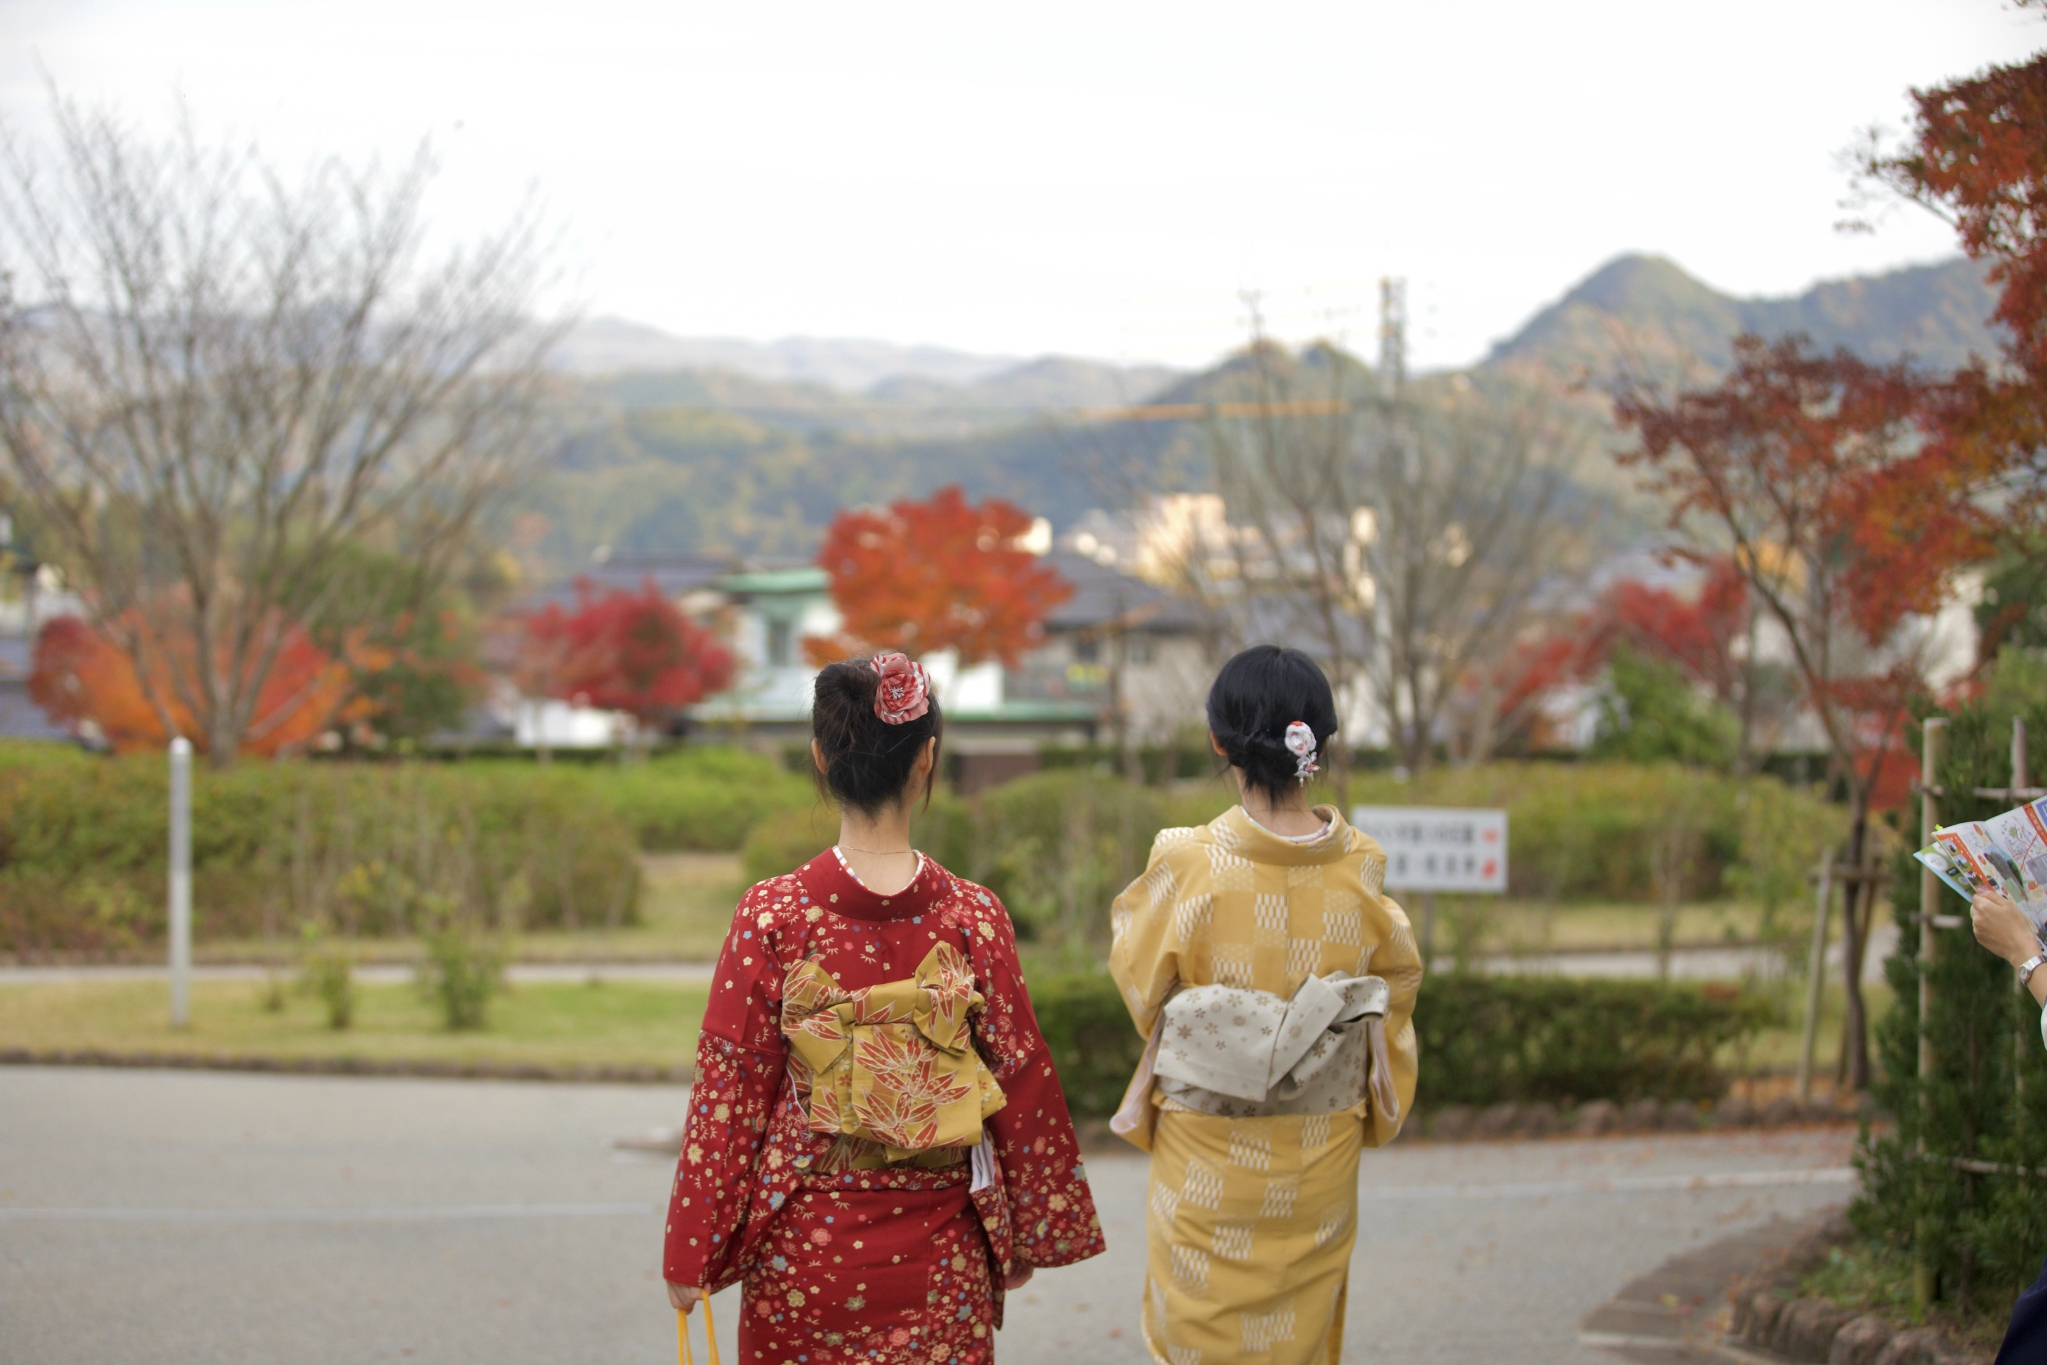 日本 I 四天三晚山口之旅,记录那些平淡的快乐碎片